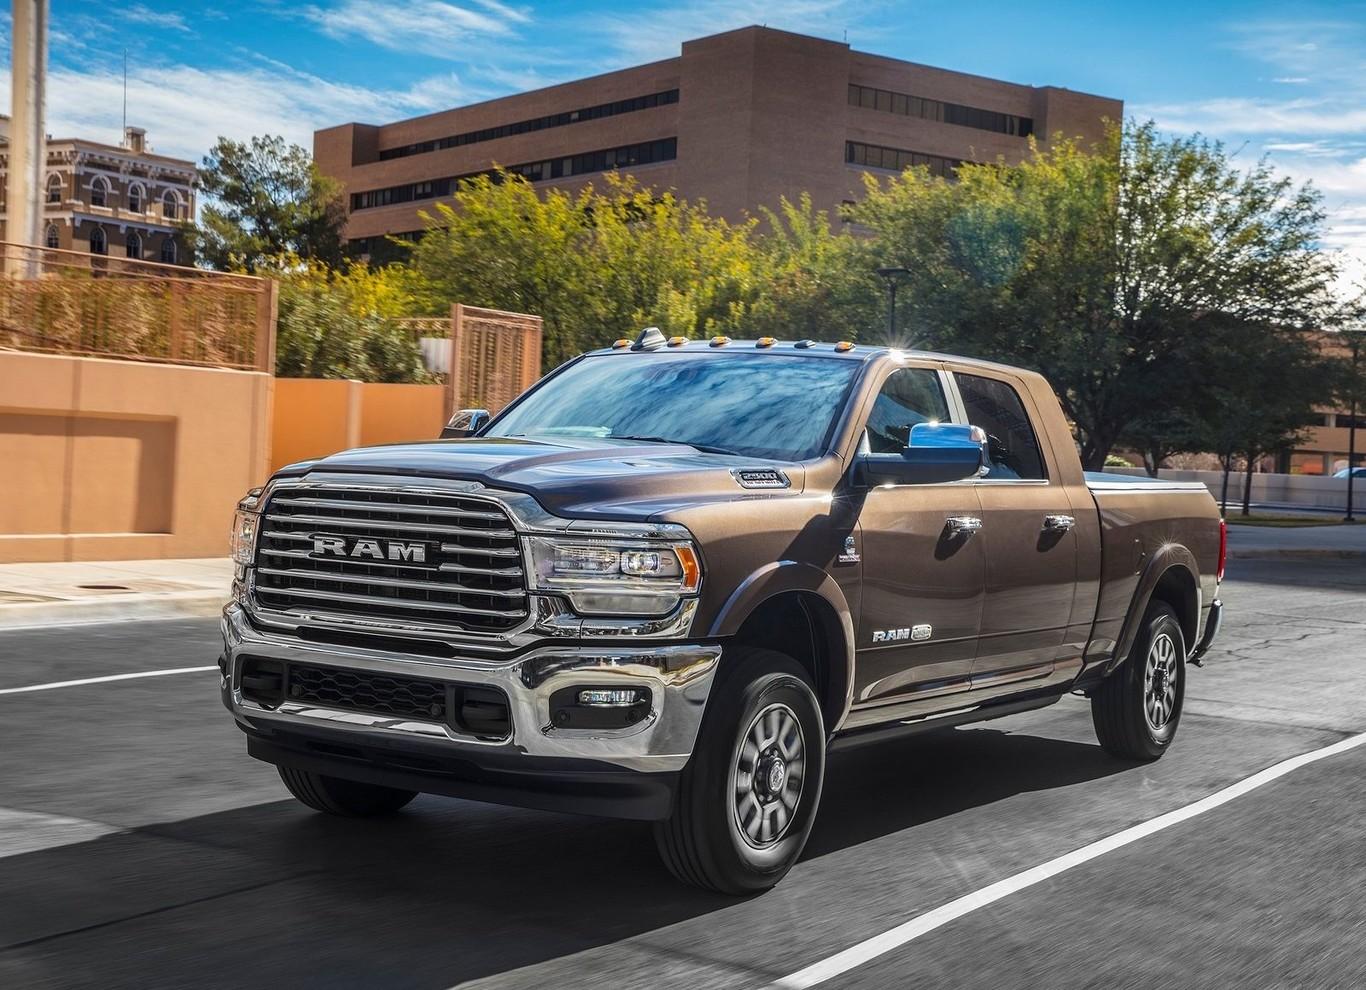 Ram 2500 Heavy Duty 2019 Precios Versiones Y Equipamiento En Mexico